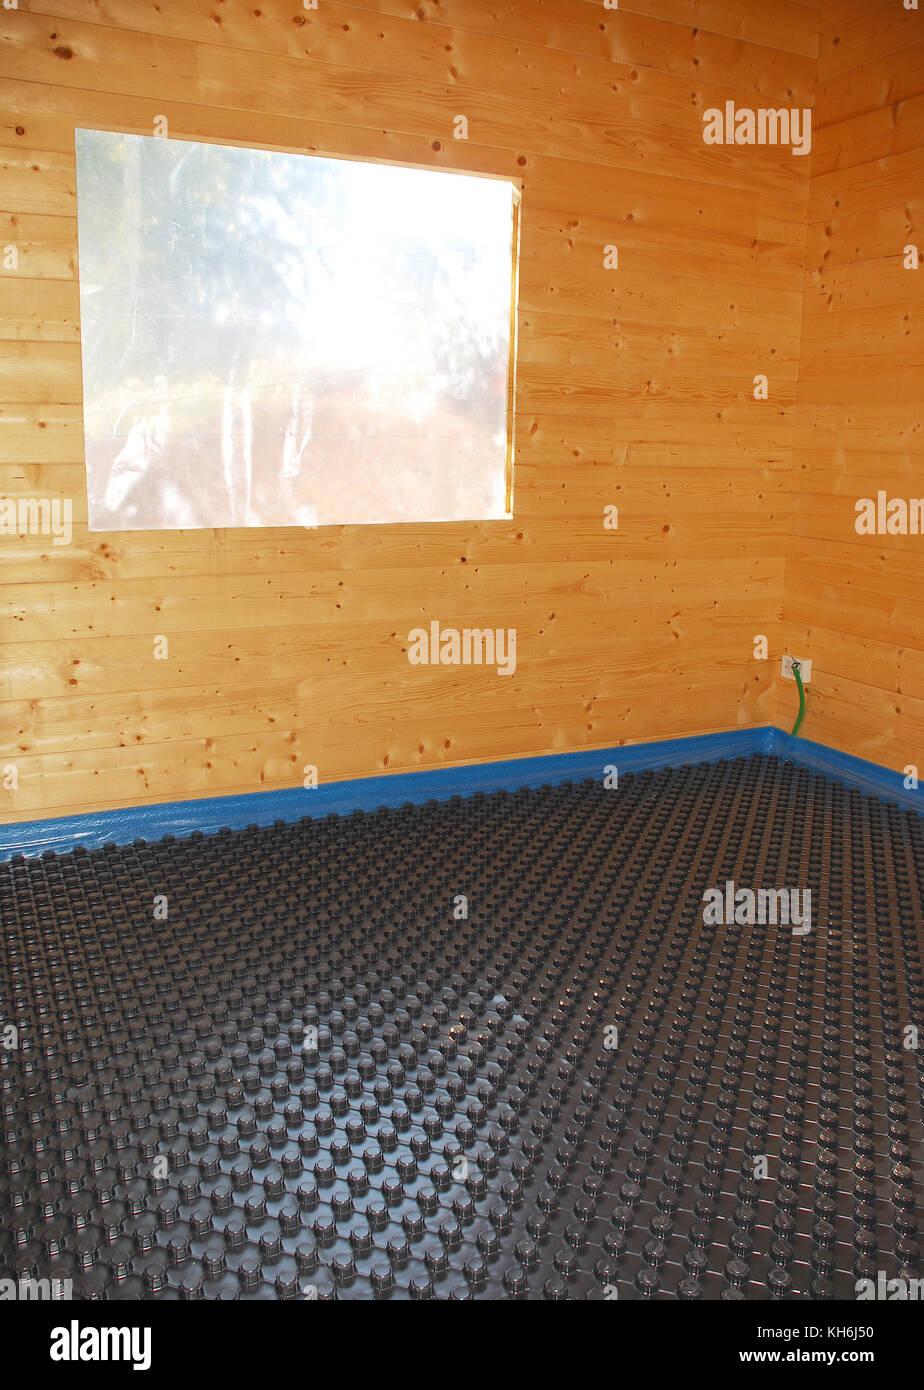 Una camera in un parzialmente costruita casa in legno con plastica nera stampato pannello coibentato in polistirolo Immagini Stock